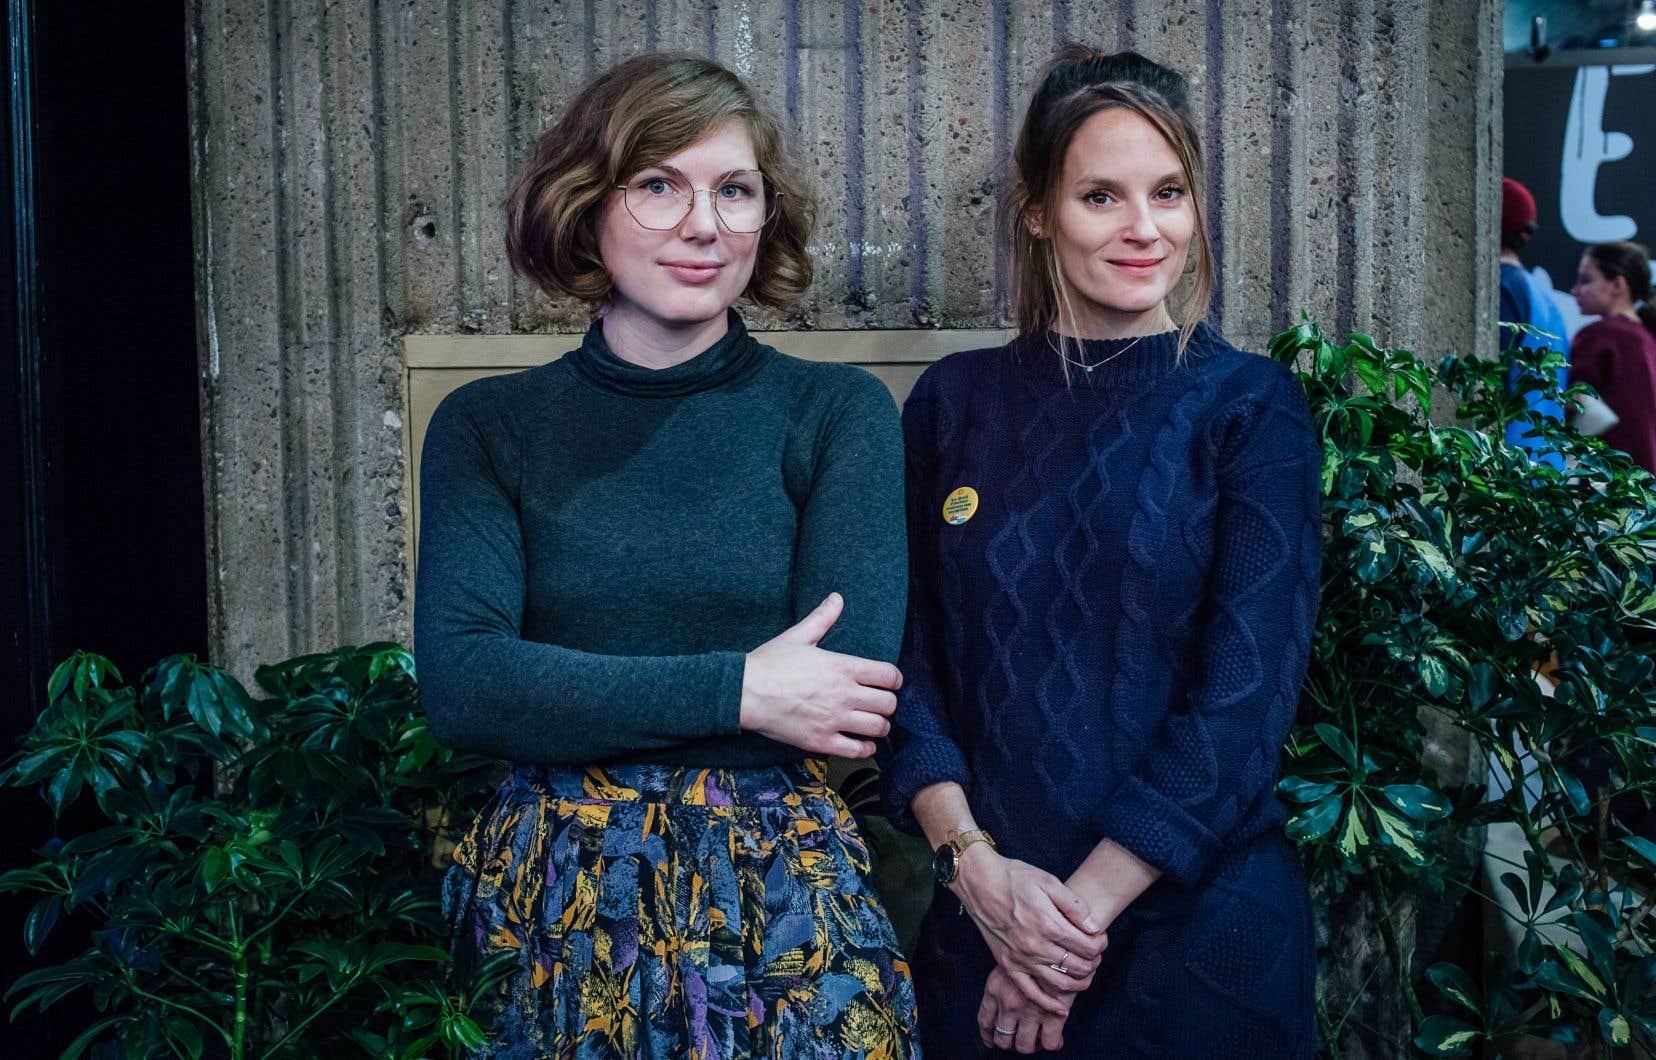 Le duo illustratrice-autrice Delphie Côté-Lacroix  et Stéphanie Lapointe  racontent  le travail derrière <i>Jack  et le temps perdu</i>, pour lequel elles viennent  de remporter le Prix du Gouverneur général.